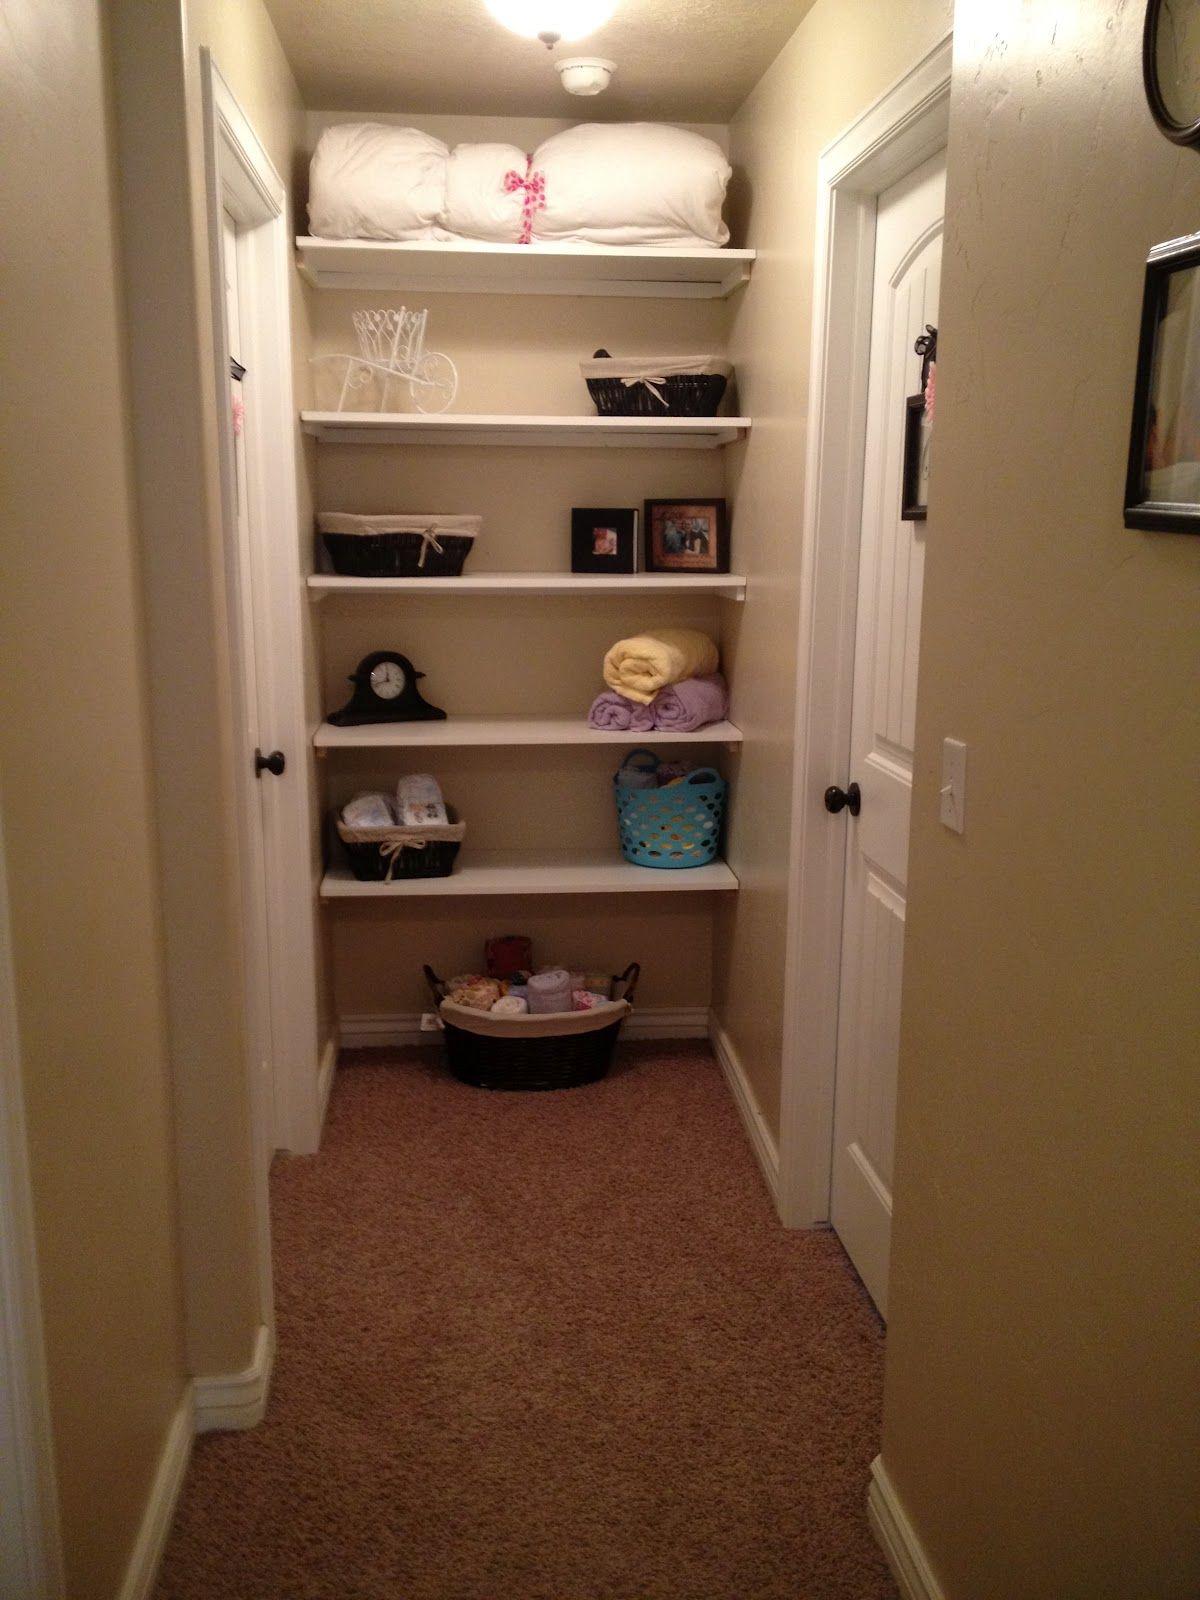 stuff by us built in shelves open linen closet tutorial built in shelves open linen closet tutorial